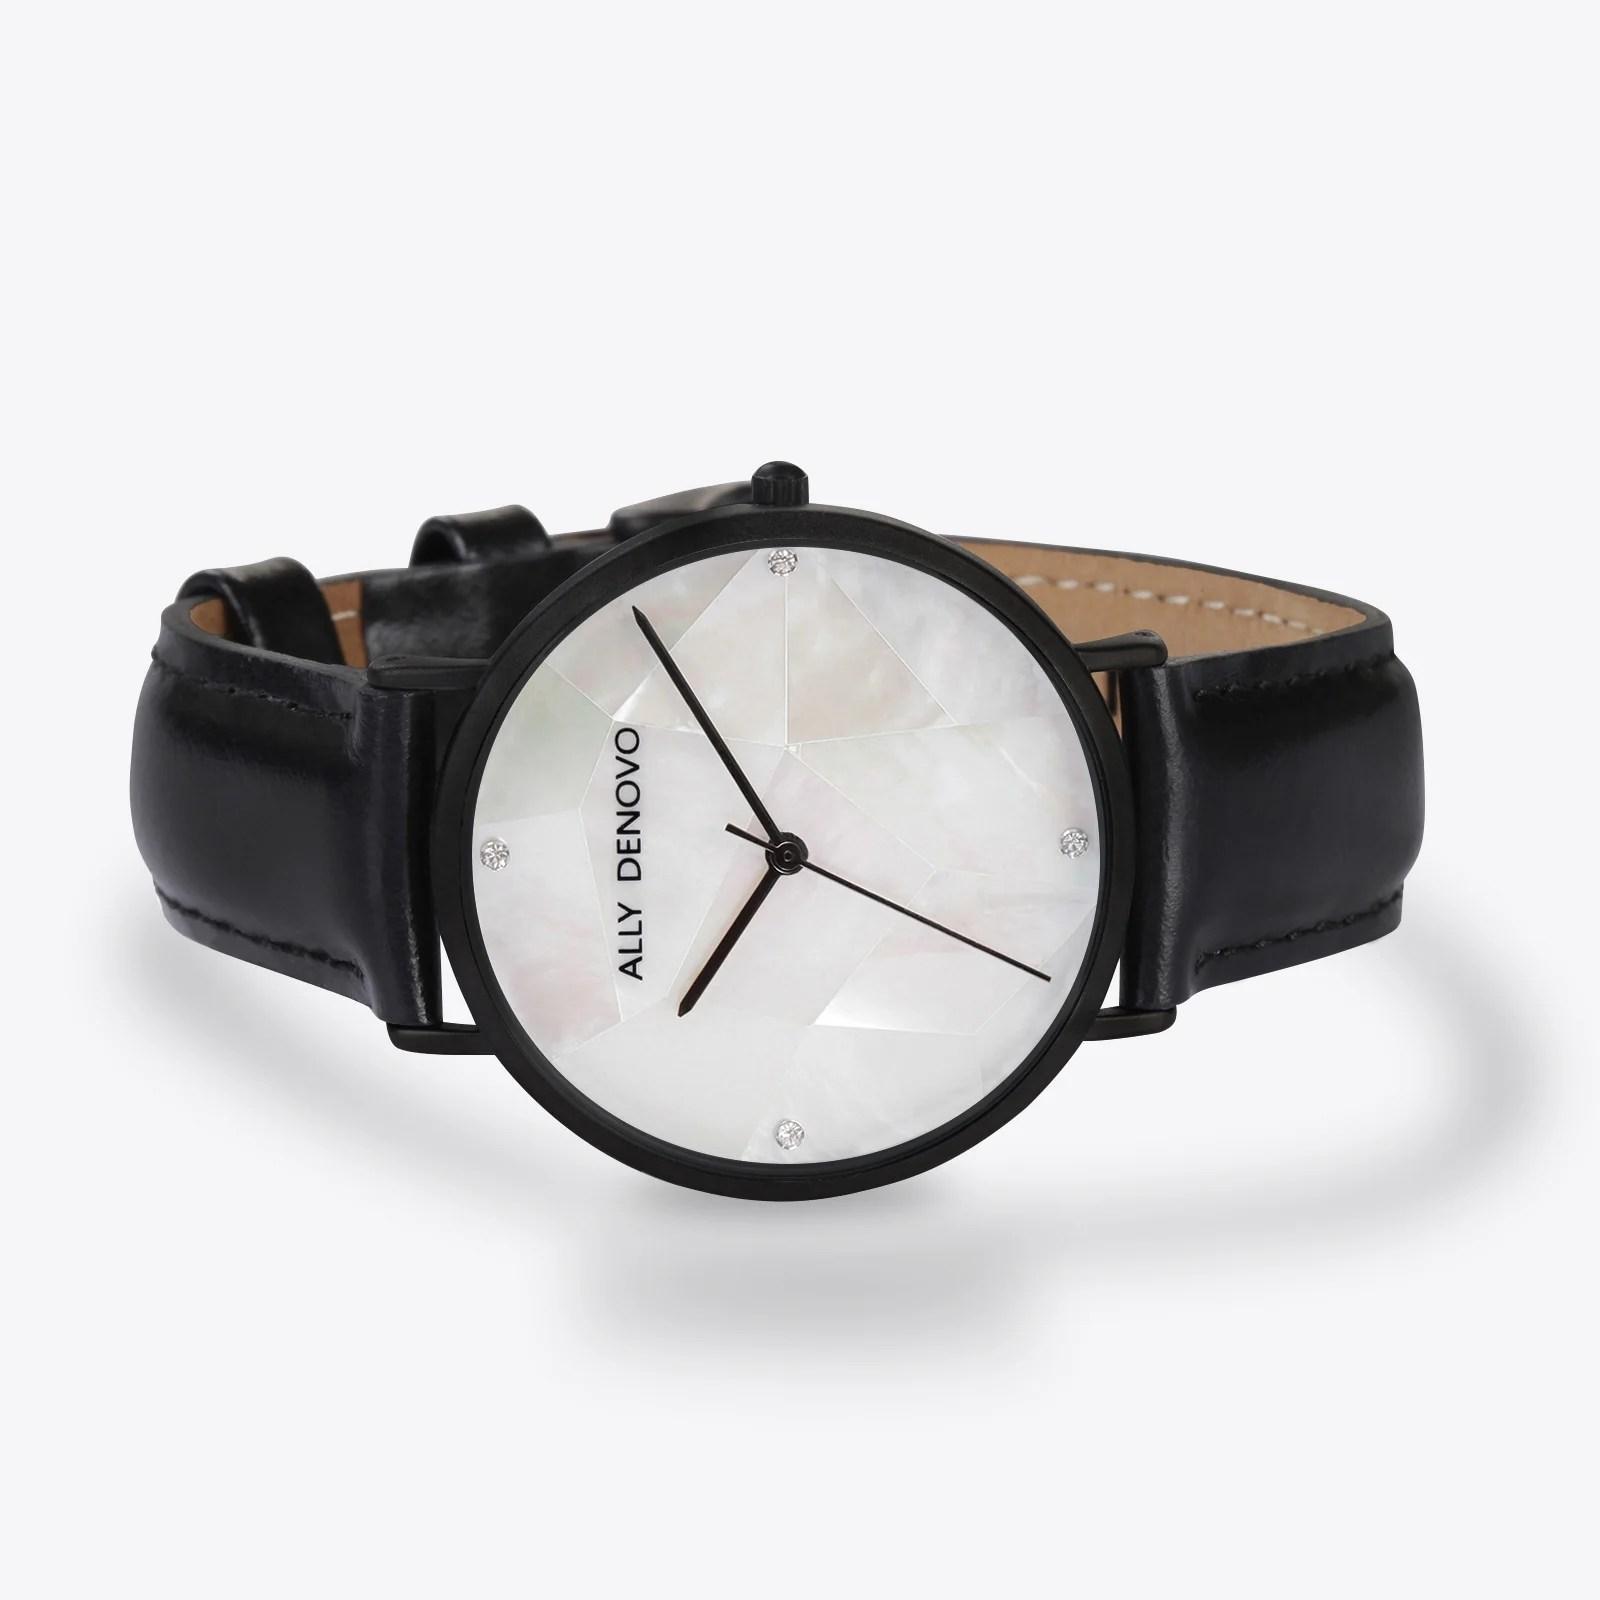 Gaia pearl皮革腕錶-白色菱形琉璃黑框黑色真皮錶帶 AF5003.4 – ALLY DENOVO 中文官方網站